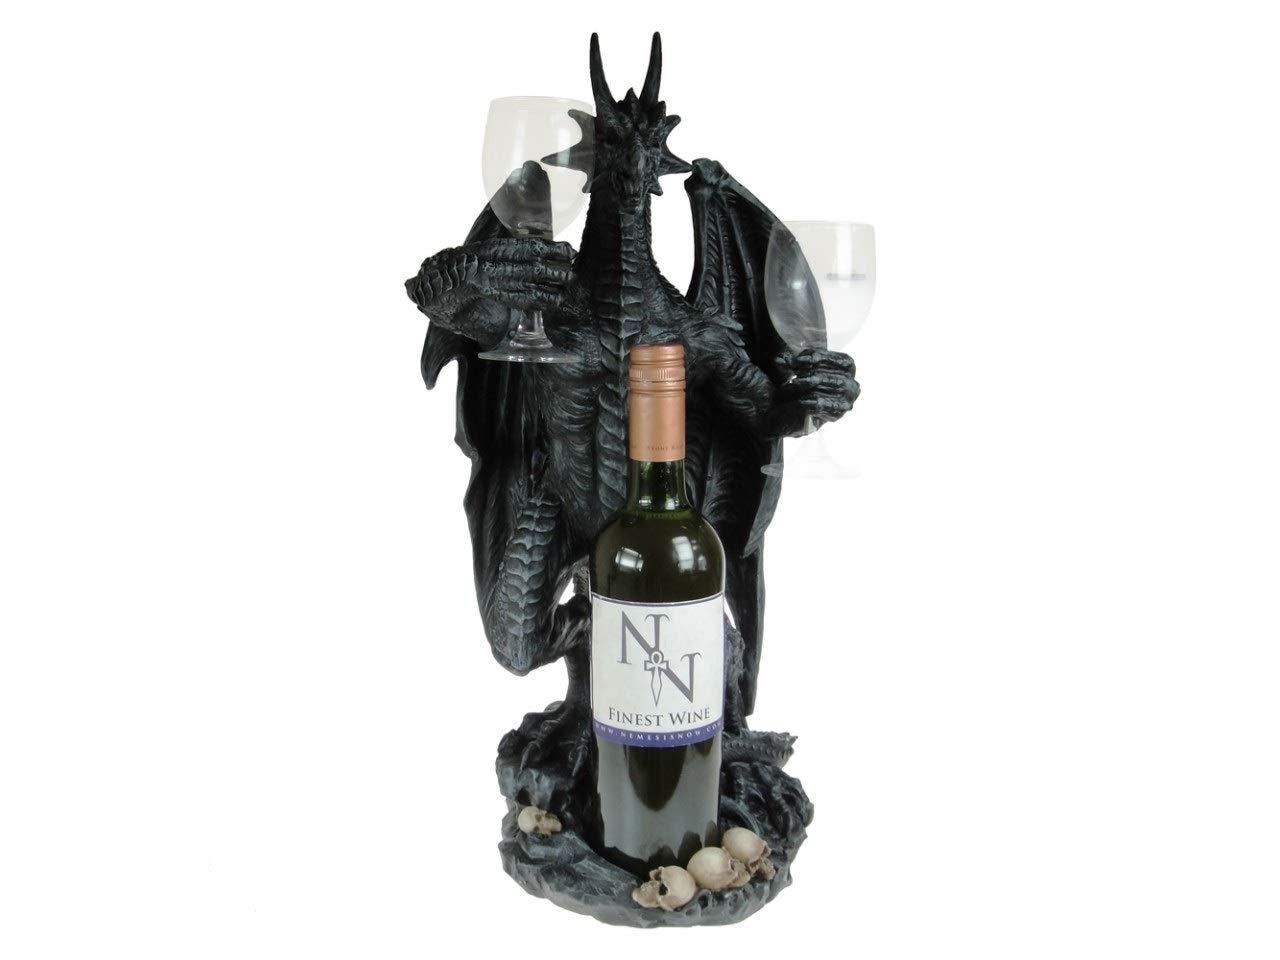 Deko Figur Figuren-Shop.de Drachen Butler f/ür Flasche und Gl/äser